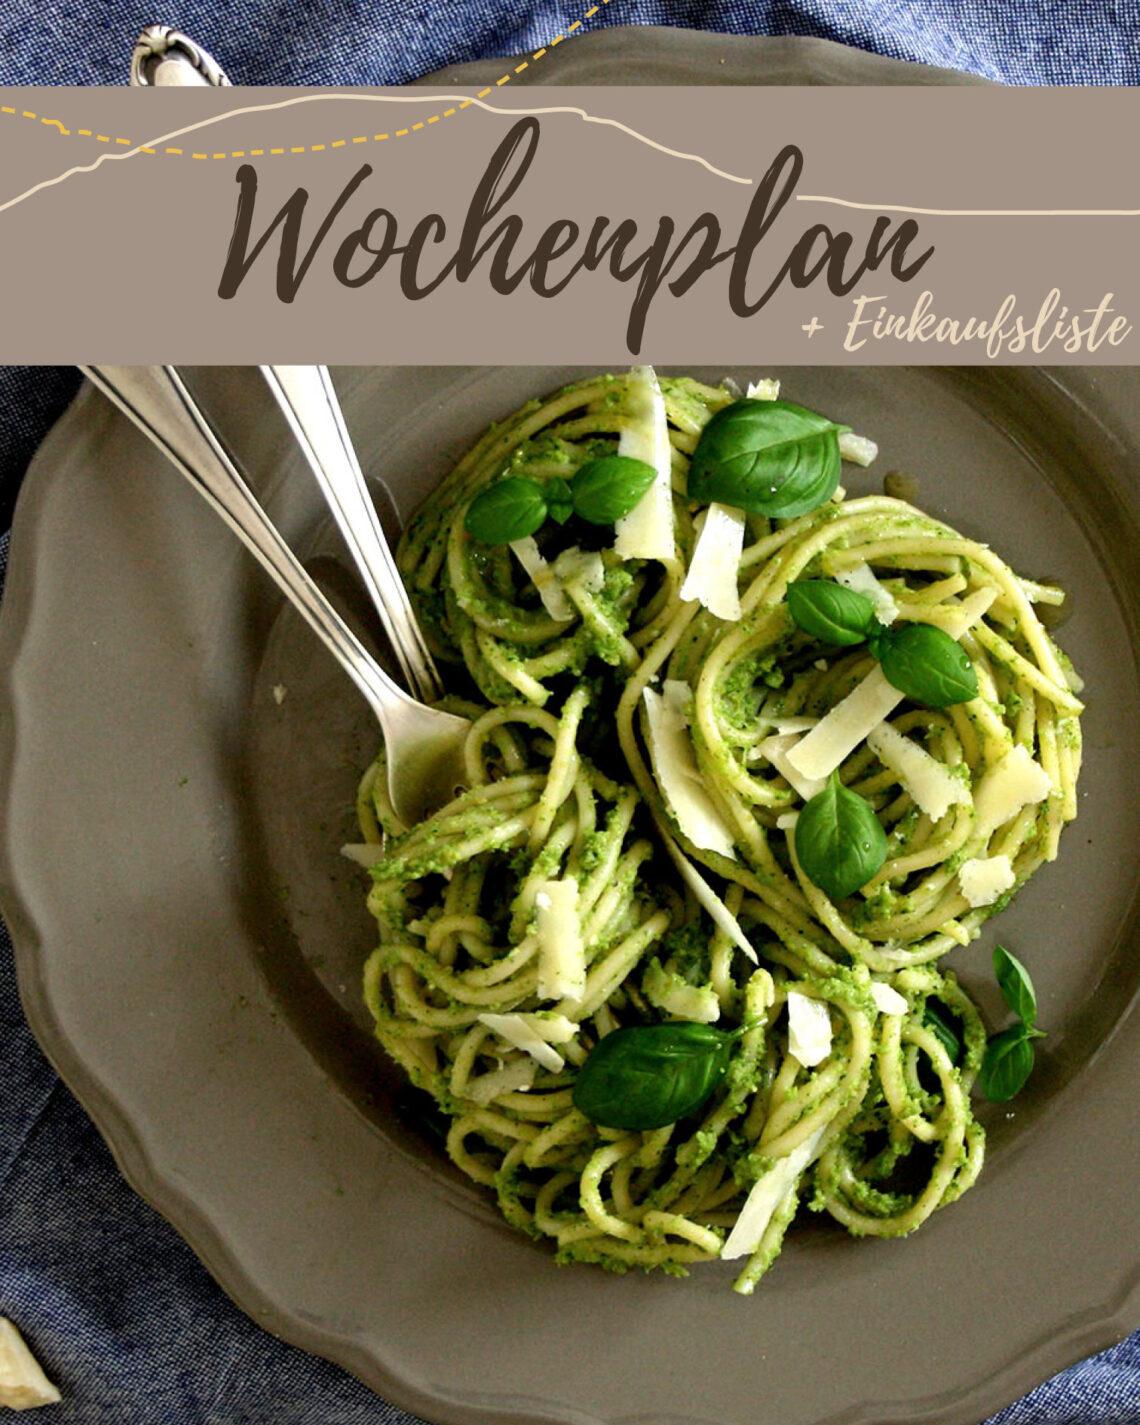 Kostenloser Wochenplan plus Einkaufsliste zum vegetarischen Wochenplan KW 6